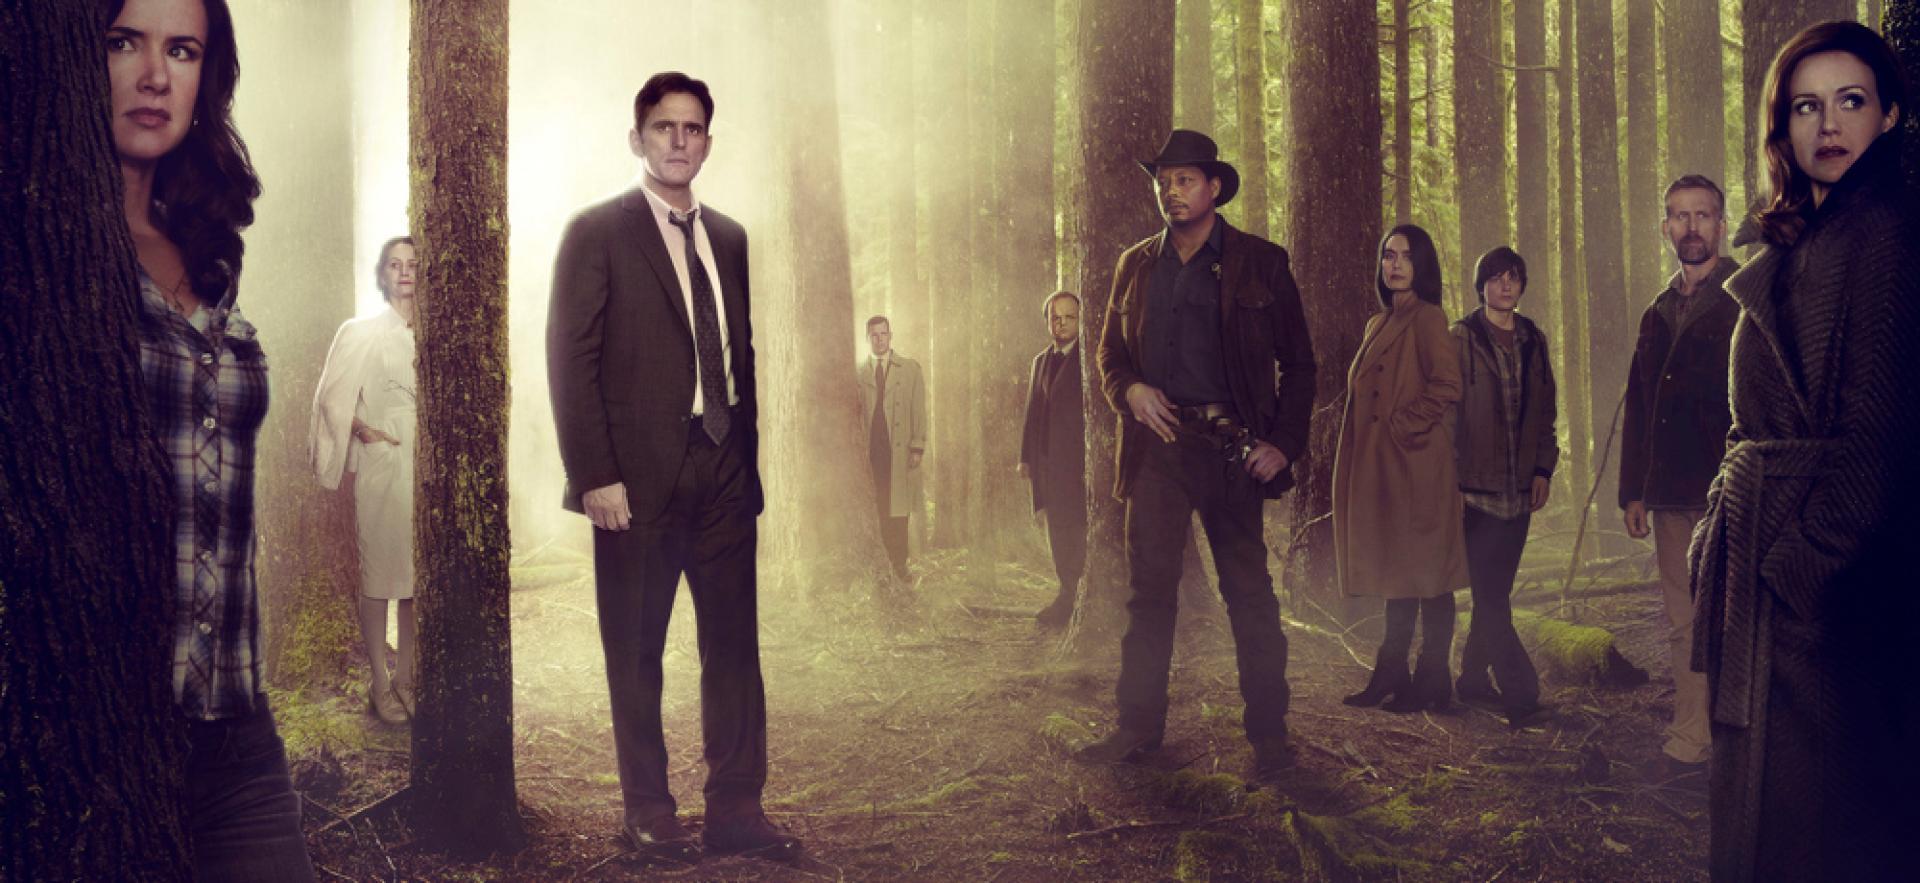 Wayward Pines S01E01